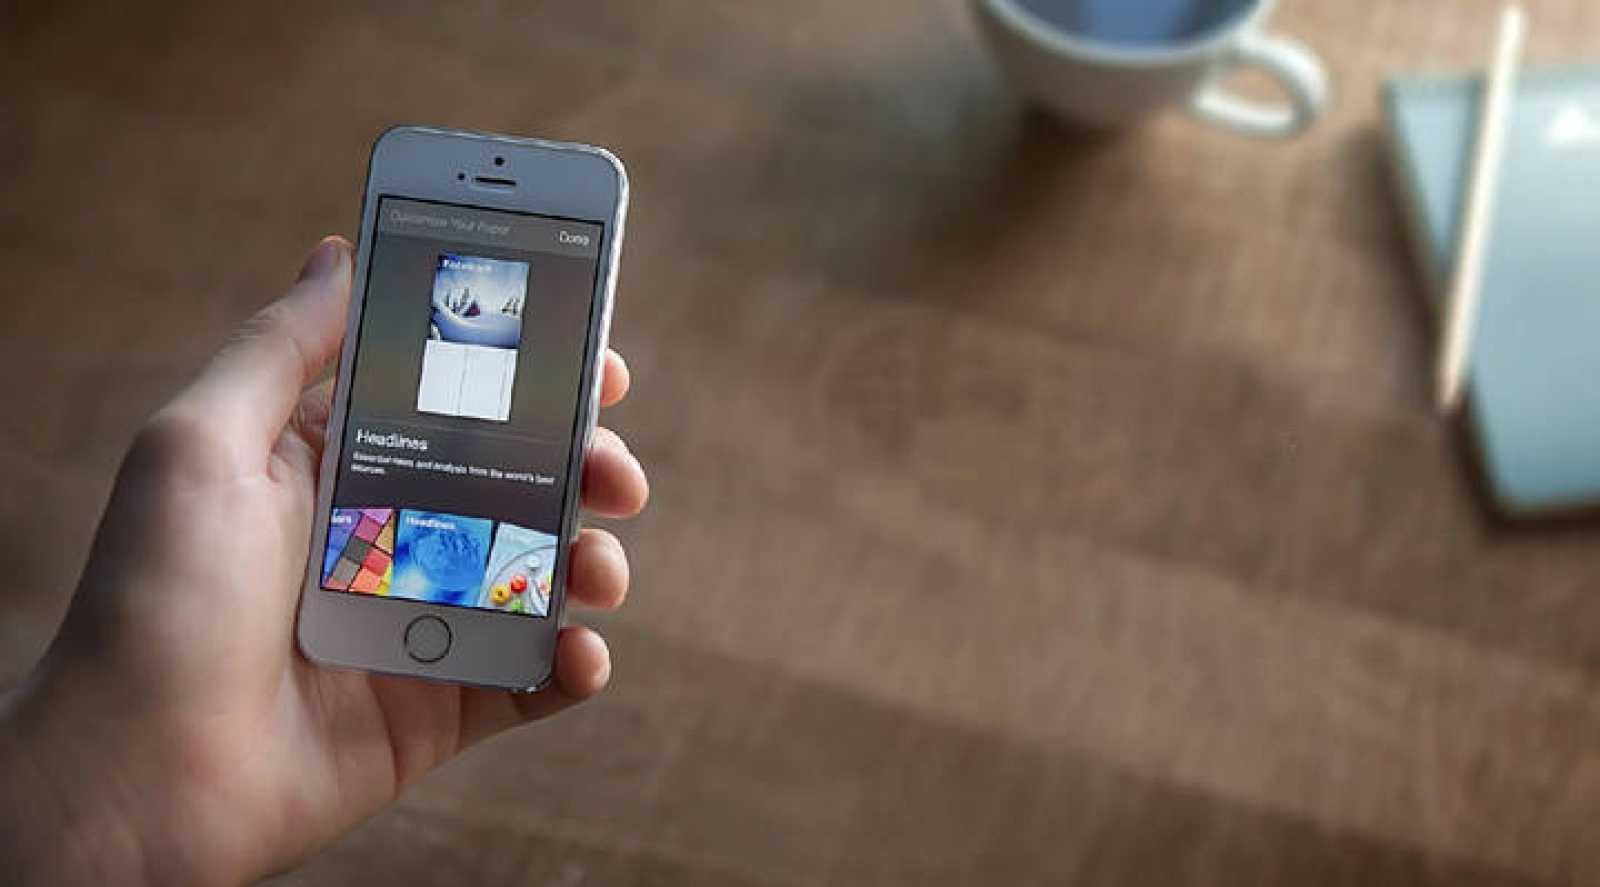 Imagen de las temáticas que ofrece Paper, la app de Facebook.